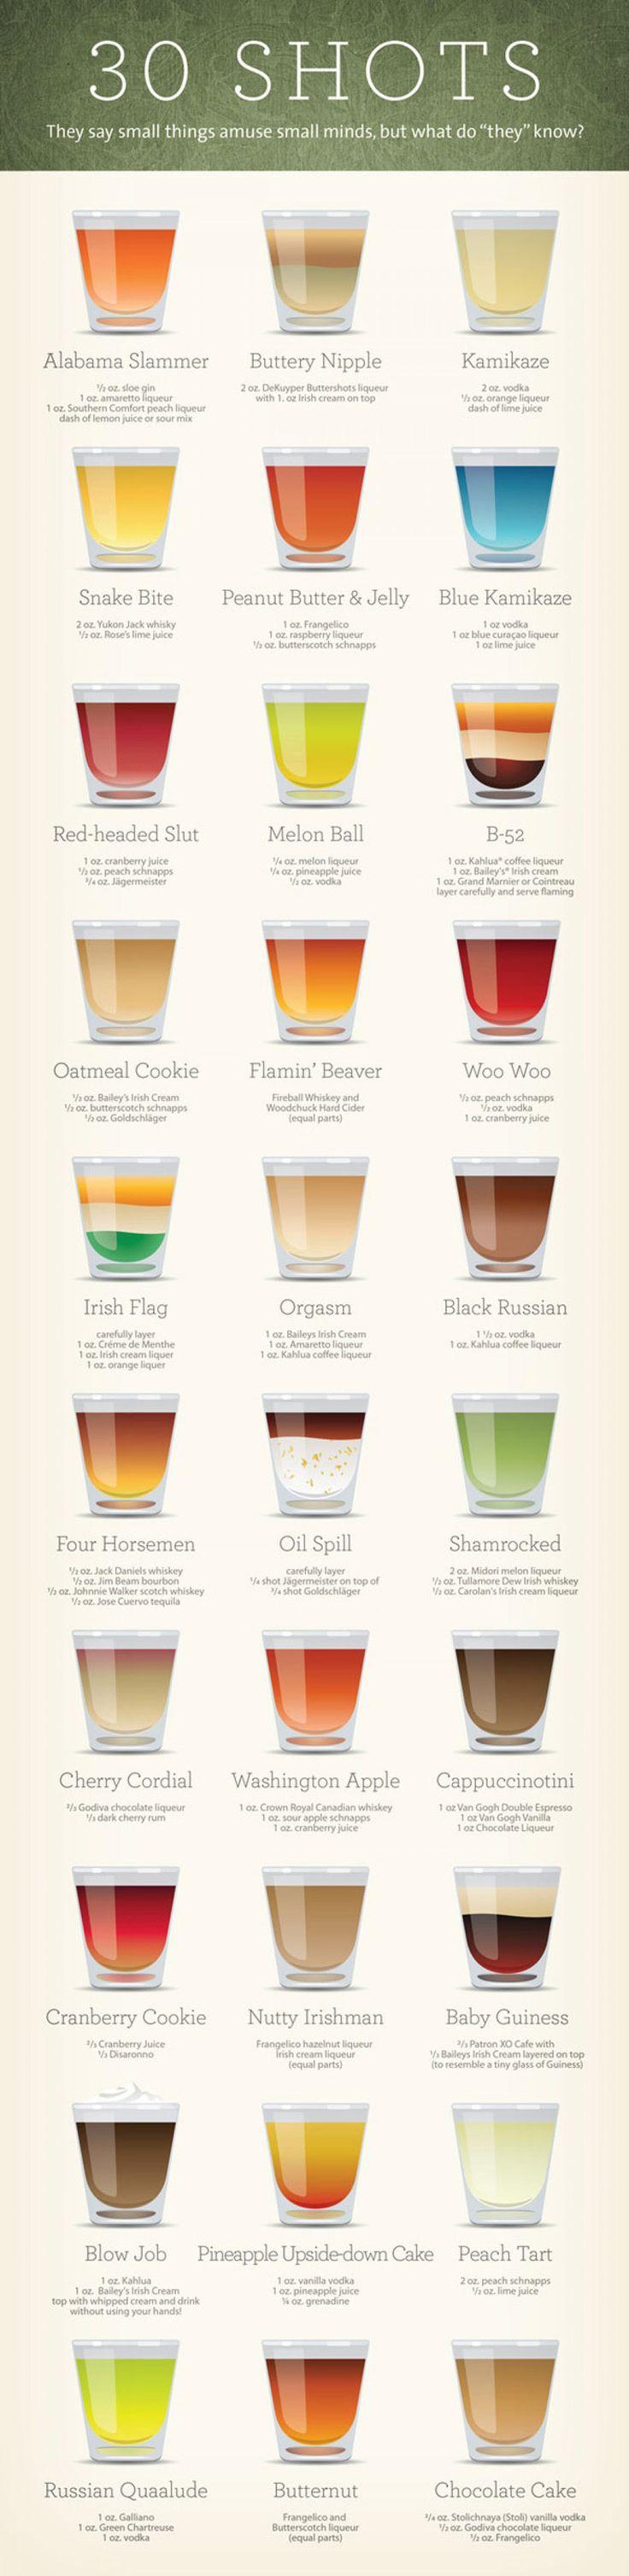 Voilà des shots de toutes les couleurs, si vous êtes en peine d'inspiration, voilà une infographie qui devrait rebooster votre comptoir et enflammer les clients.